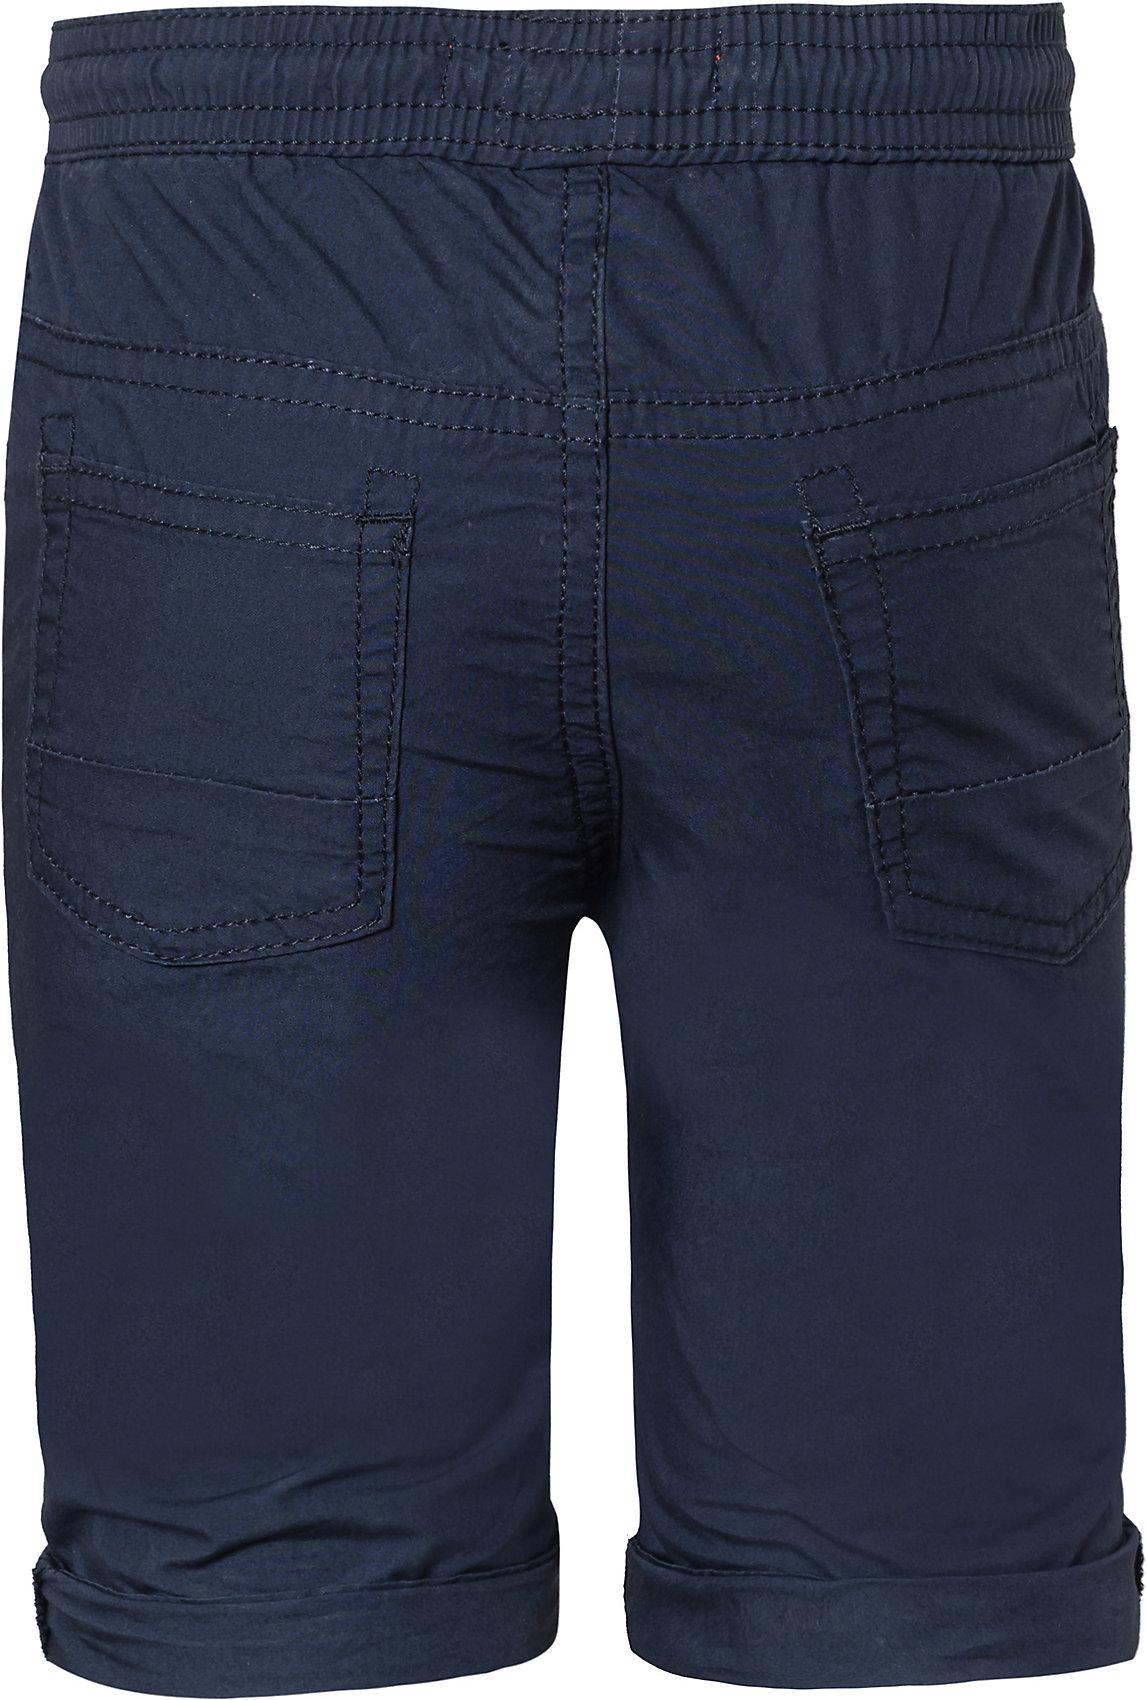 Neu STACCATO Baby  Shorts für Jungen 12957712 für Jungen dunkelblau